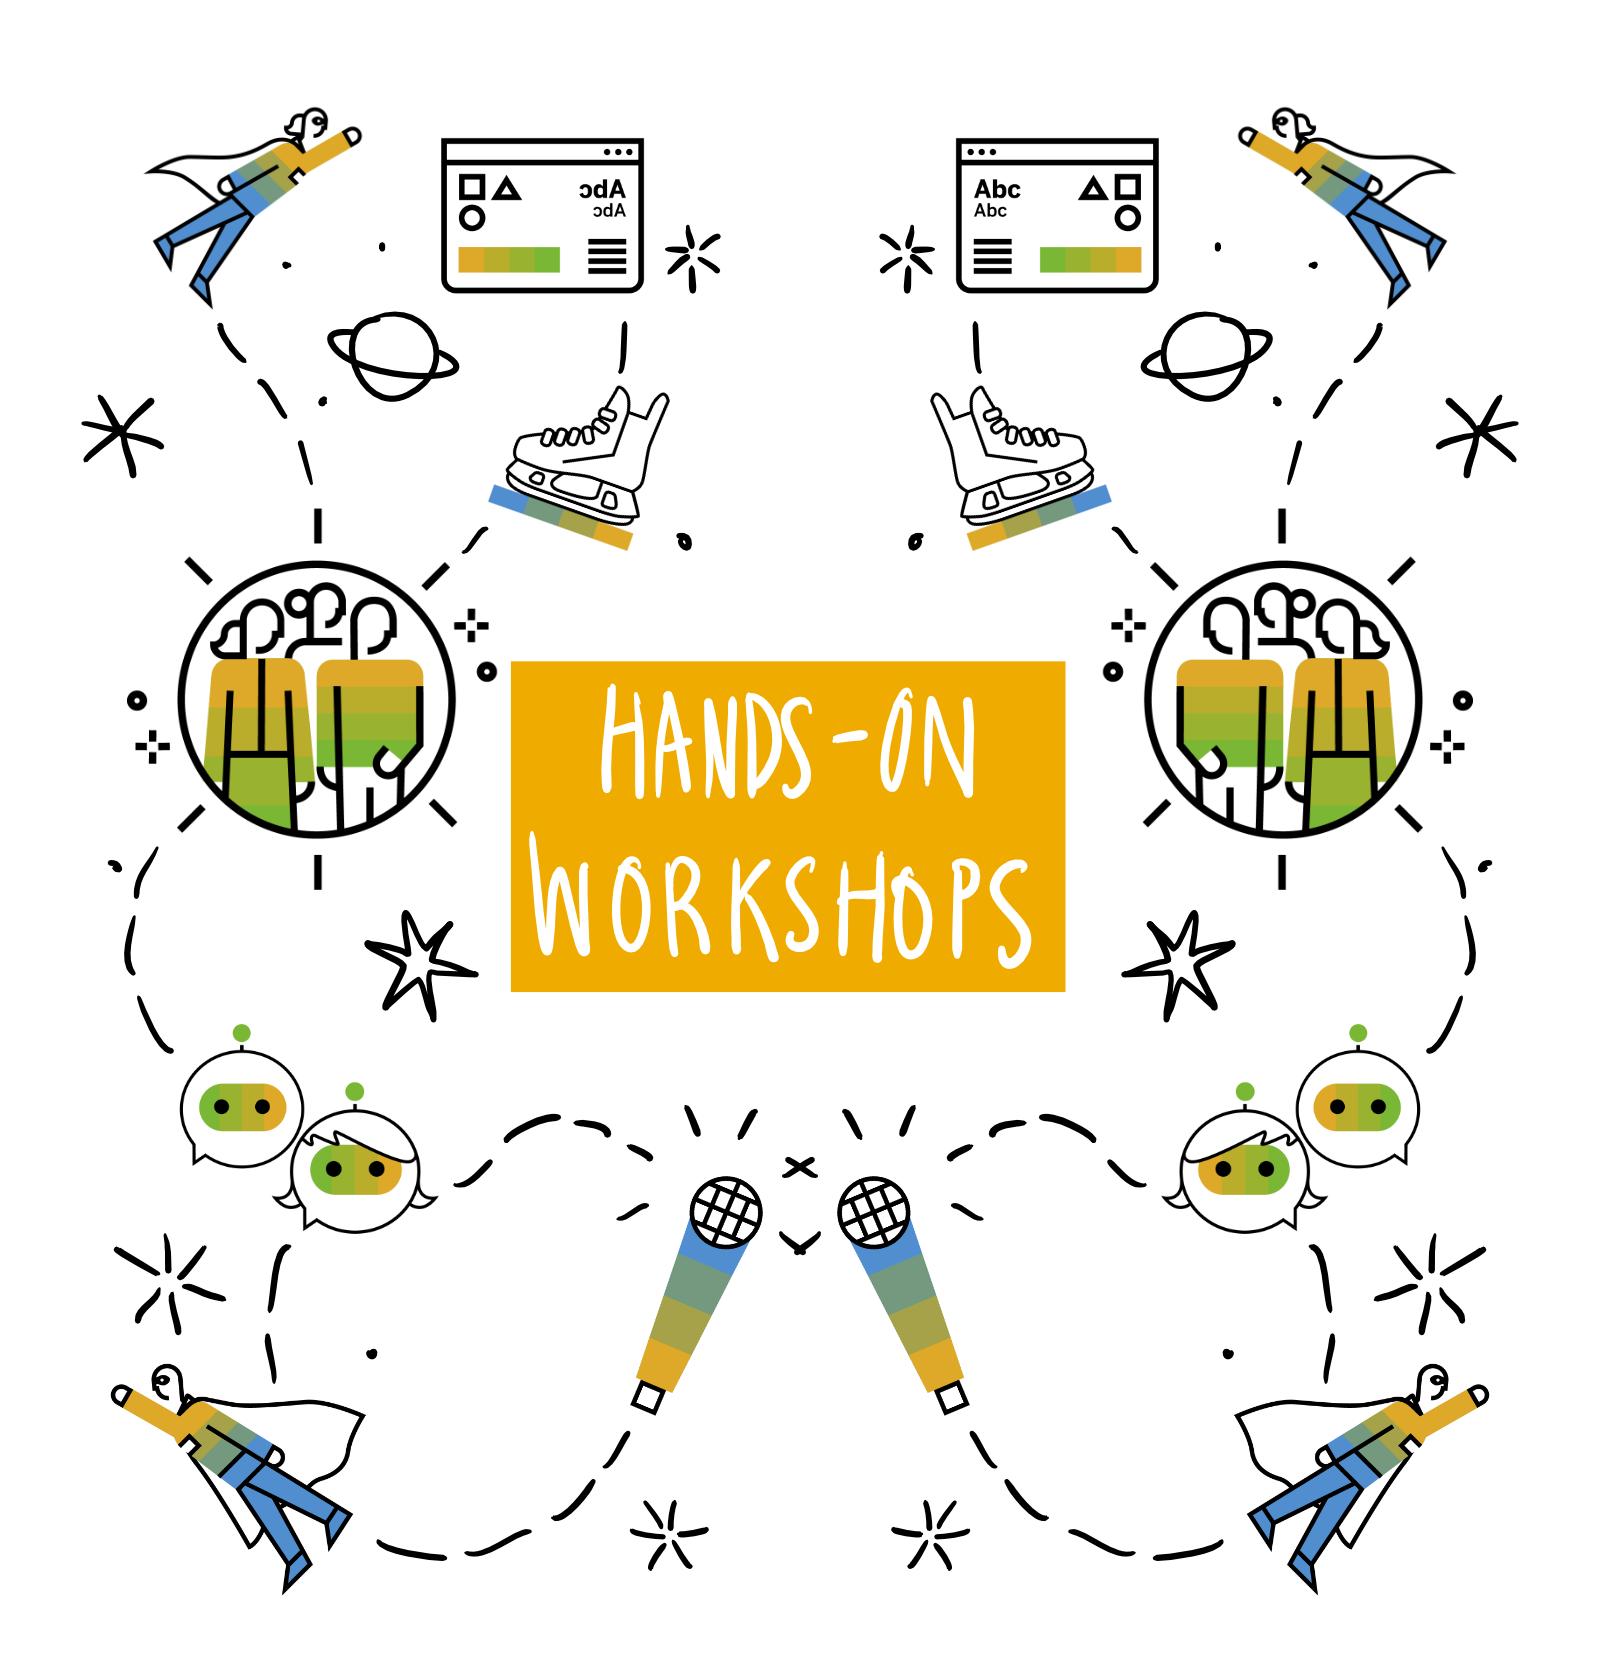 Hands-On%20Workshops